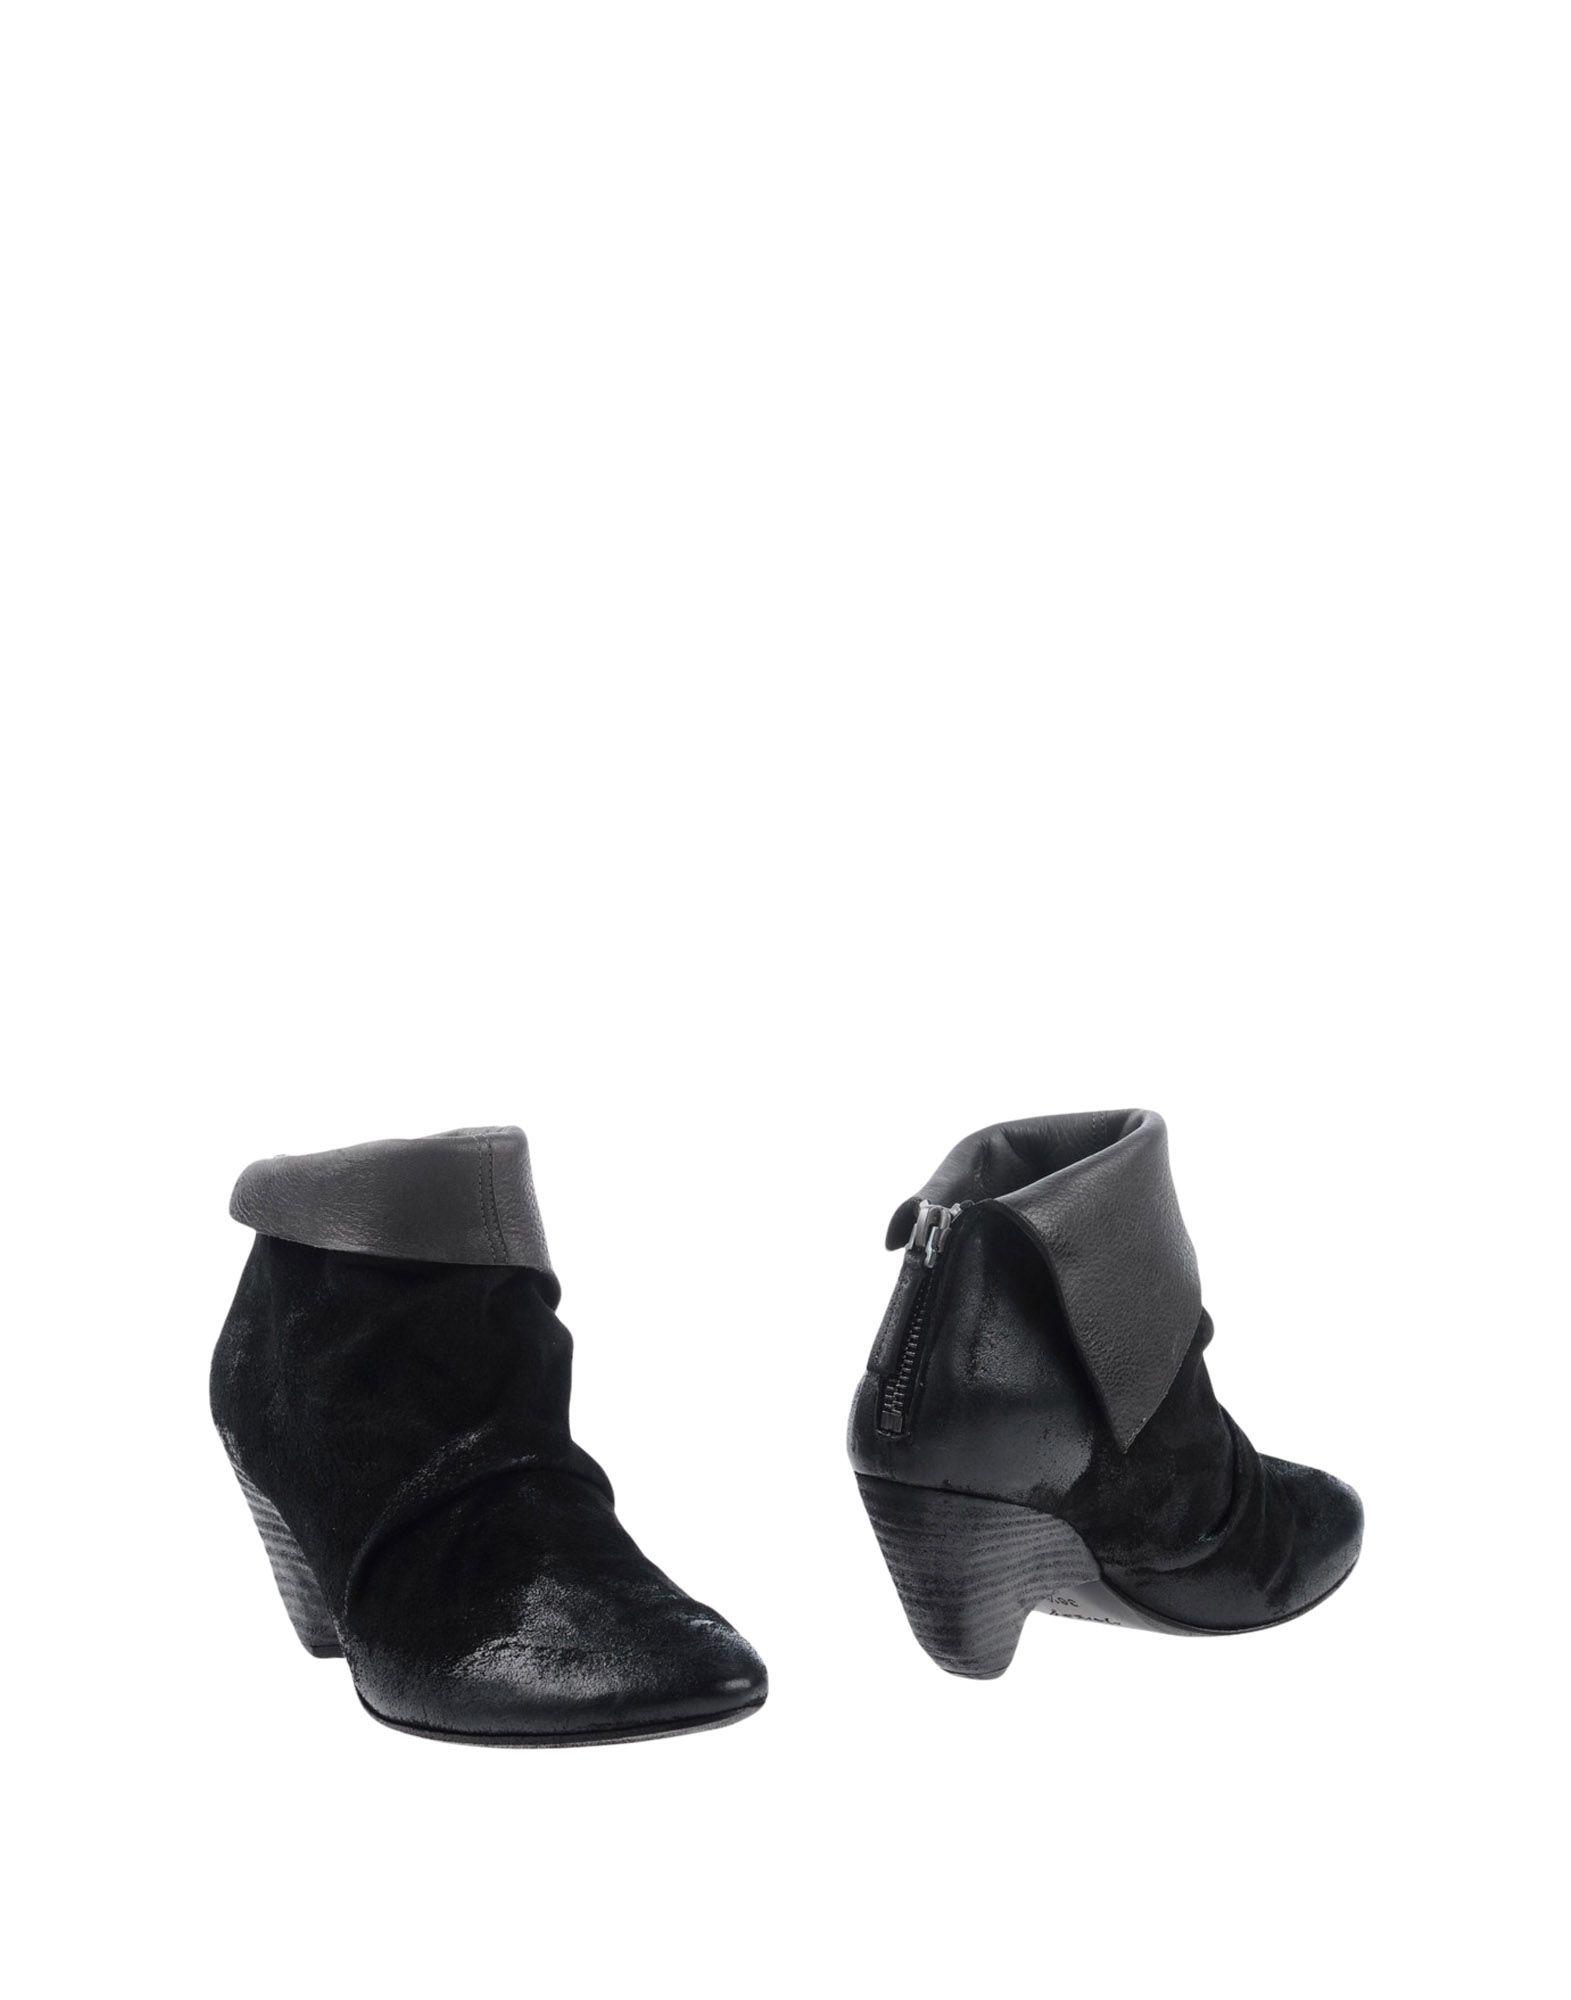 Marsèll Stiefelette Damen  11272956JAGünstige gut aussehende Schuhe